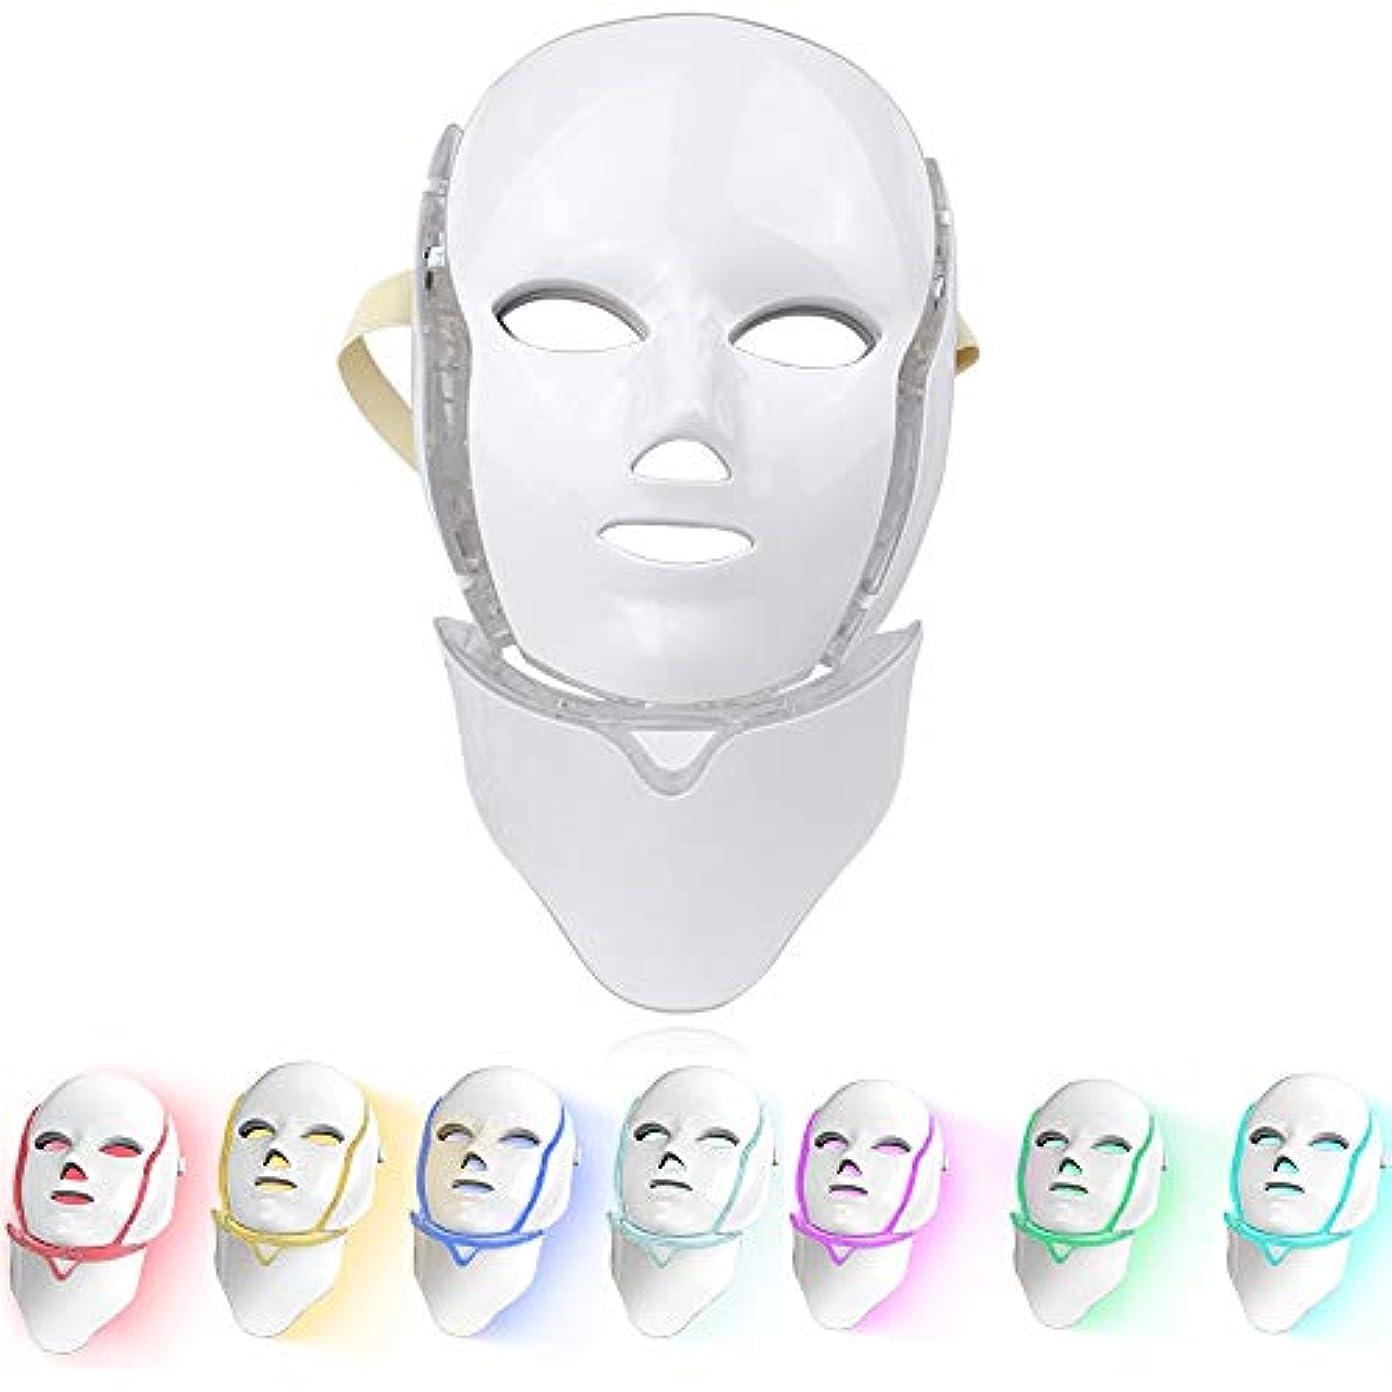 更新する上へ朝ごはん7色LED顔面美容スキンケアの若返りシワ除去女性のためのアンチエイジング電気デバイス